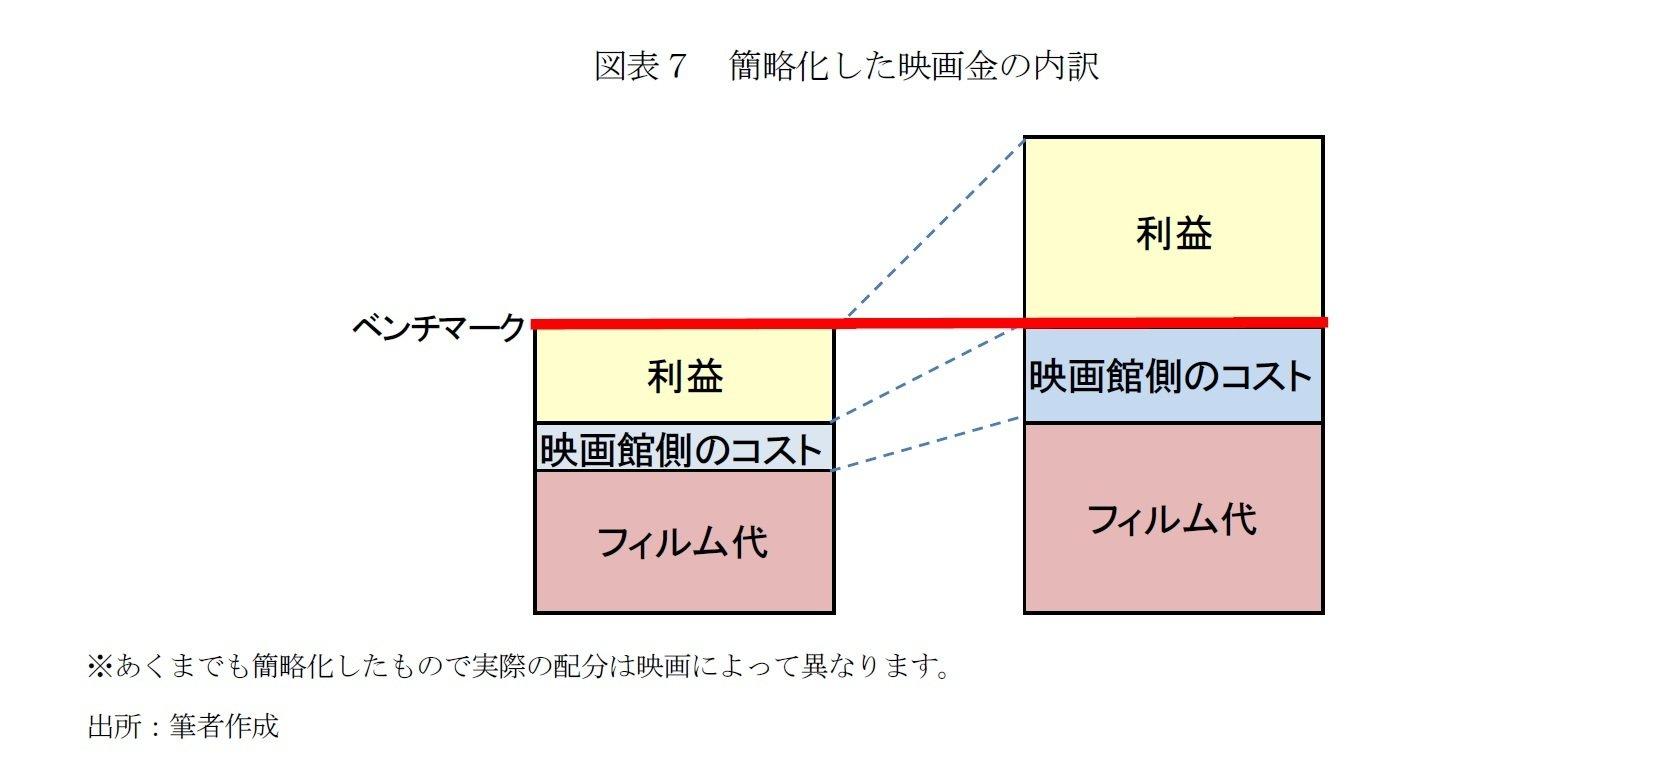 図表7 簡略化した映画料金の内訳